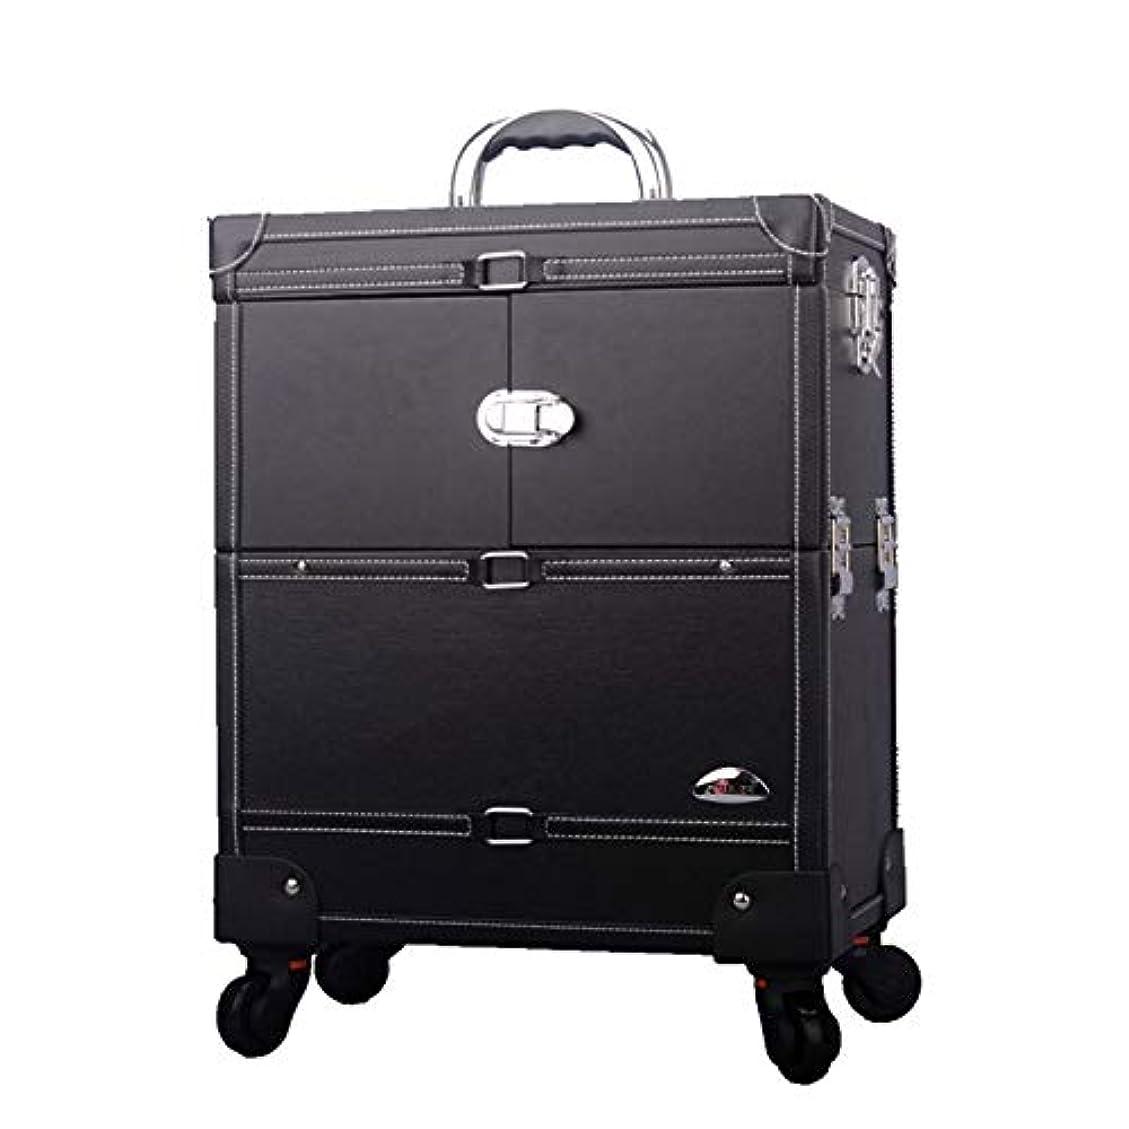 等価バリア必須プロ専用 美容師 クローゼット スーツケース メイクボックス キャリーバッグ ヘアメイク プロ 大容量 軽量 高品質 多機能 I-JL-3623T-B-T